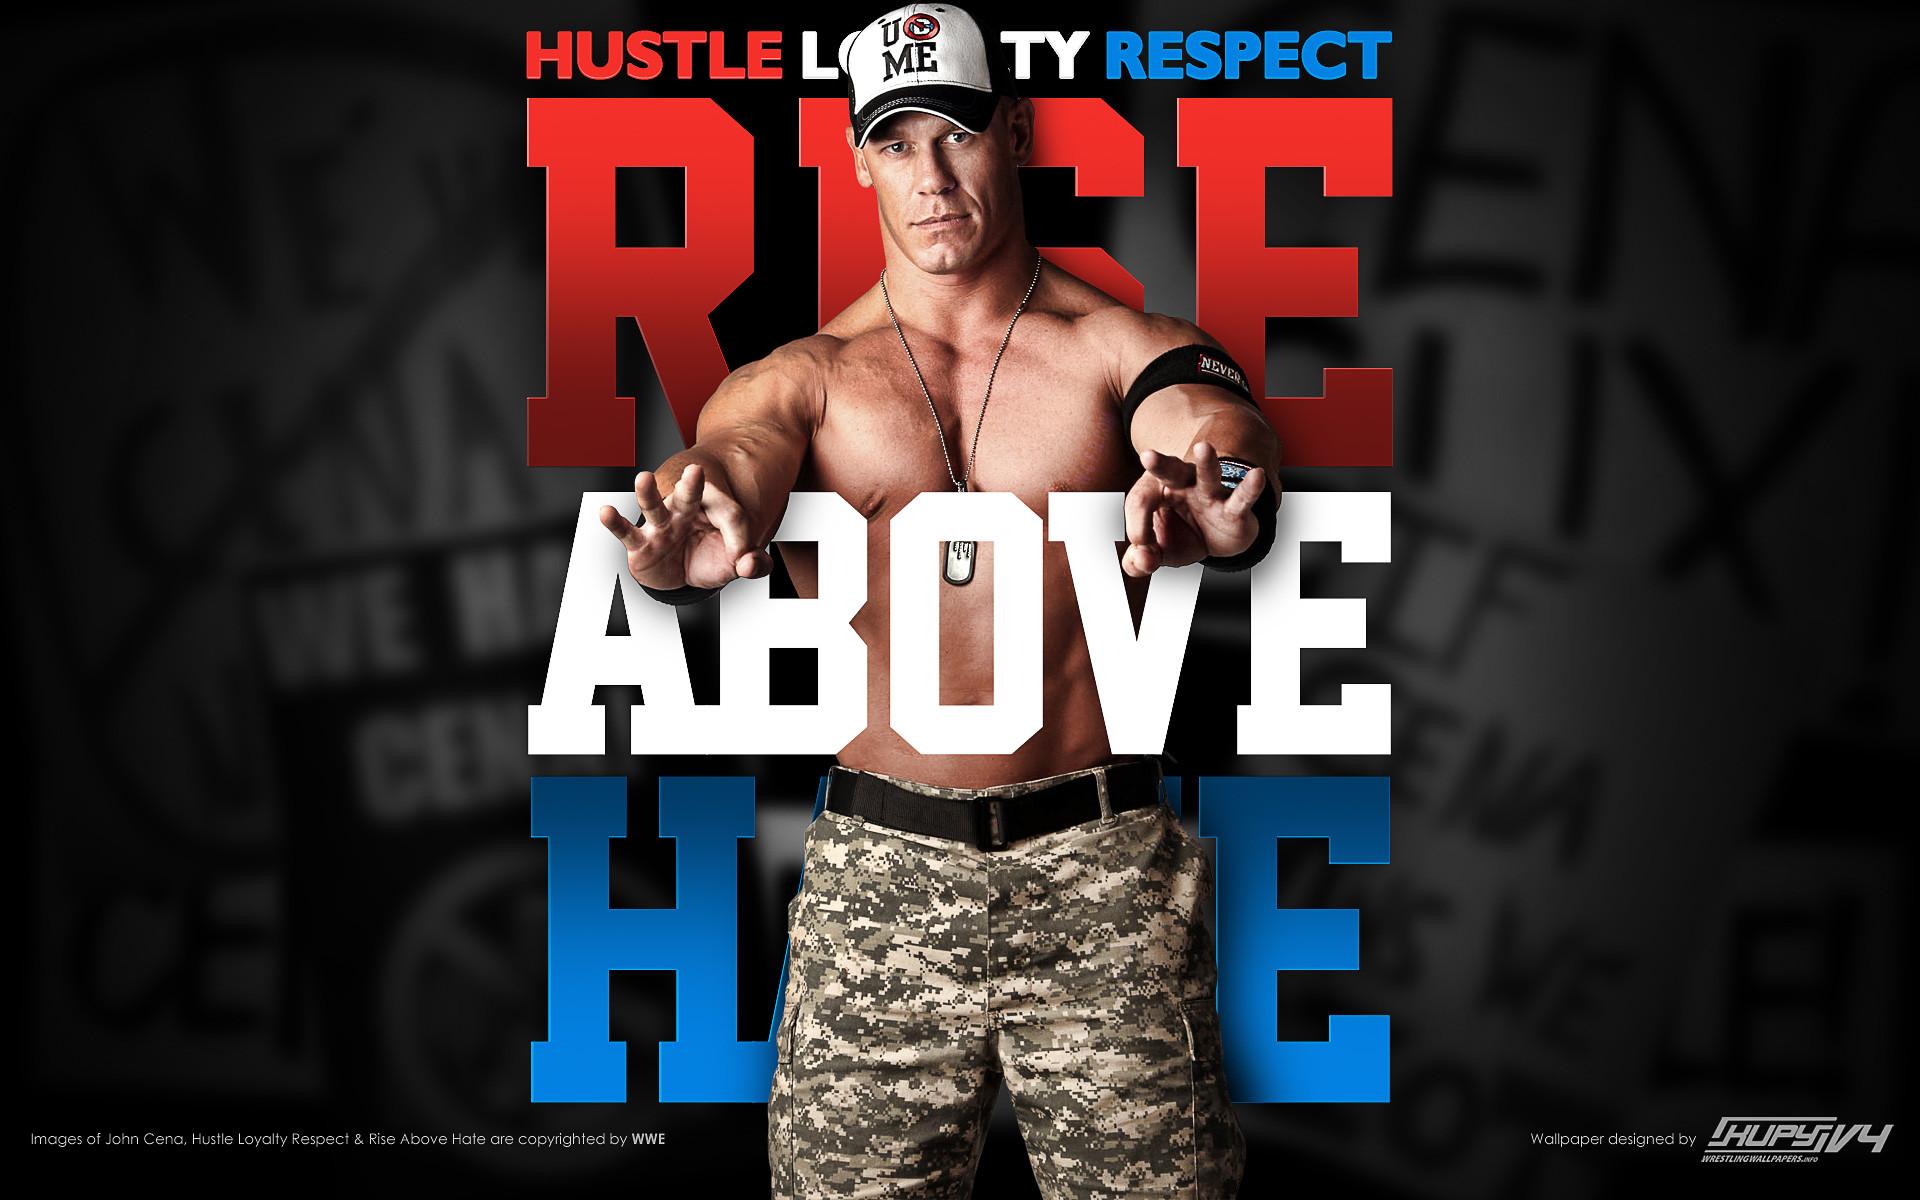 John Cena Wallpaper Rise Above Hate